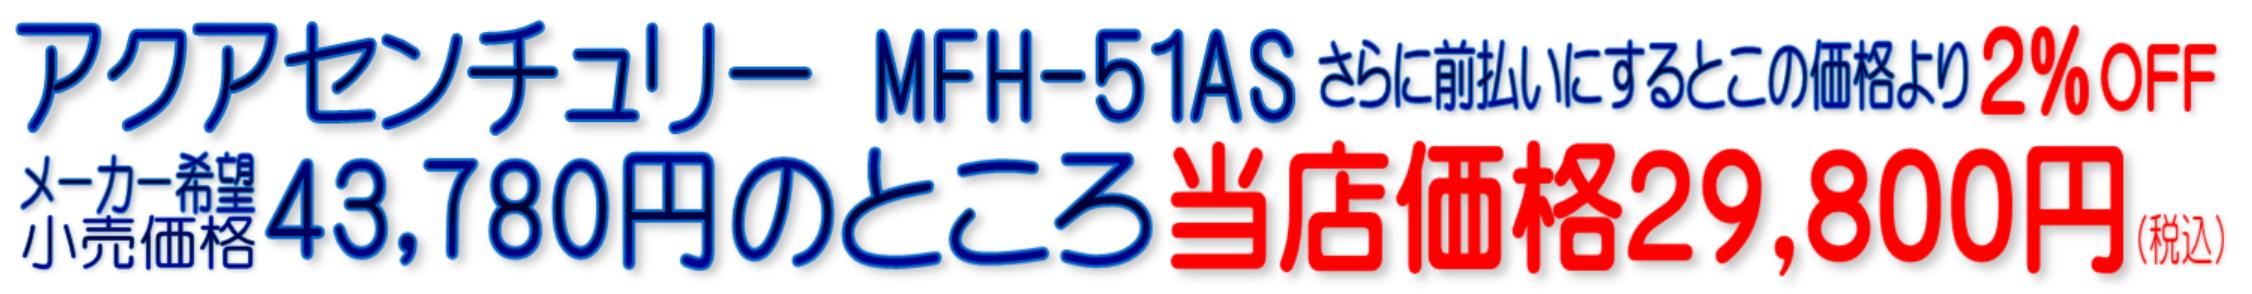 アクアセンチュリー MFH-51AS